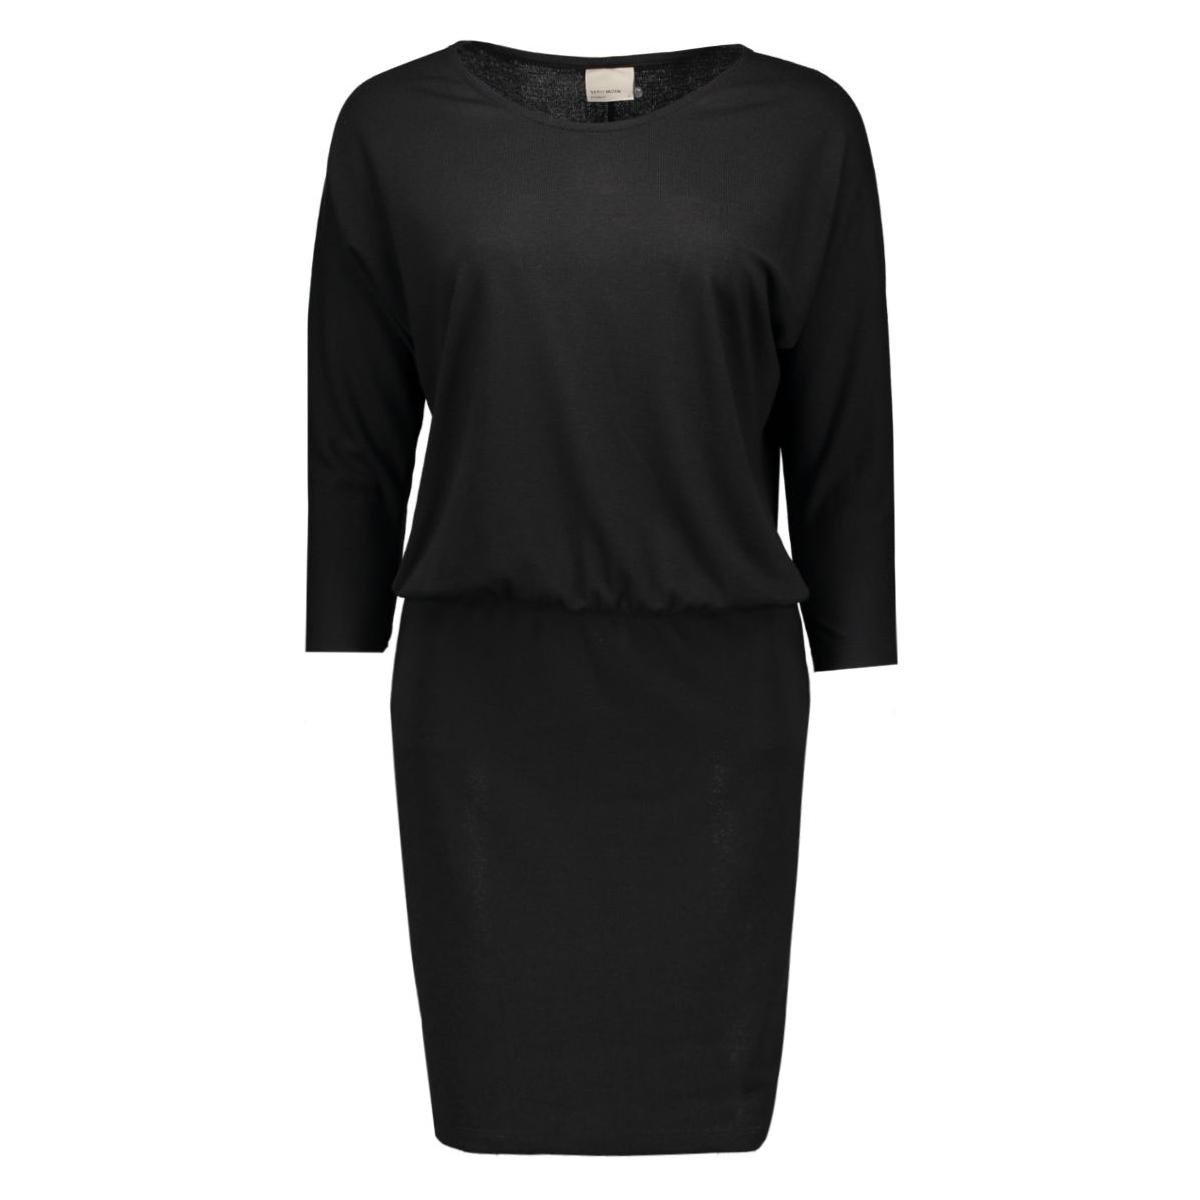 vmorpo 3/4 dress 10166334 vero moda jurk black